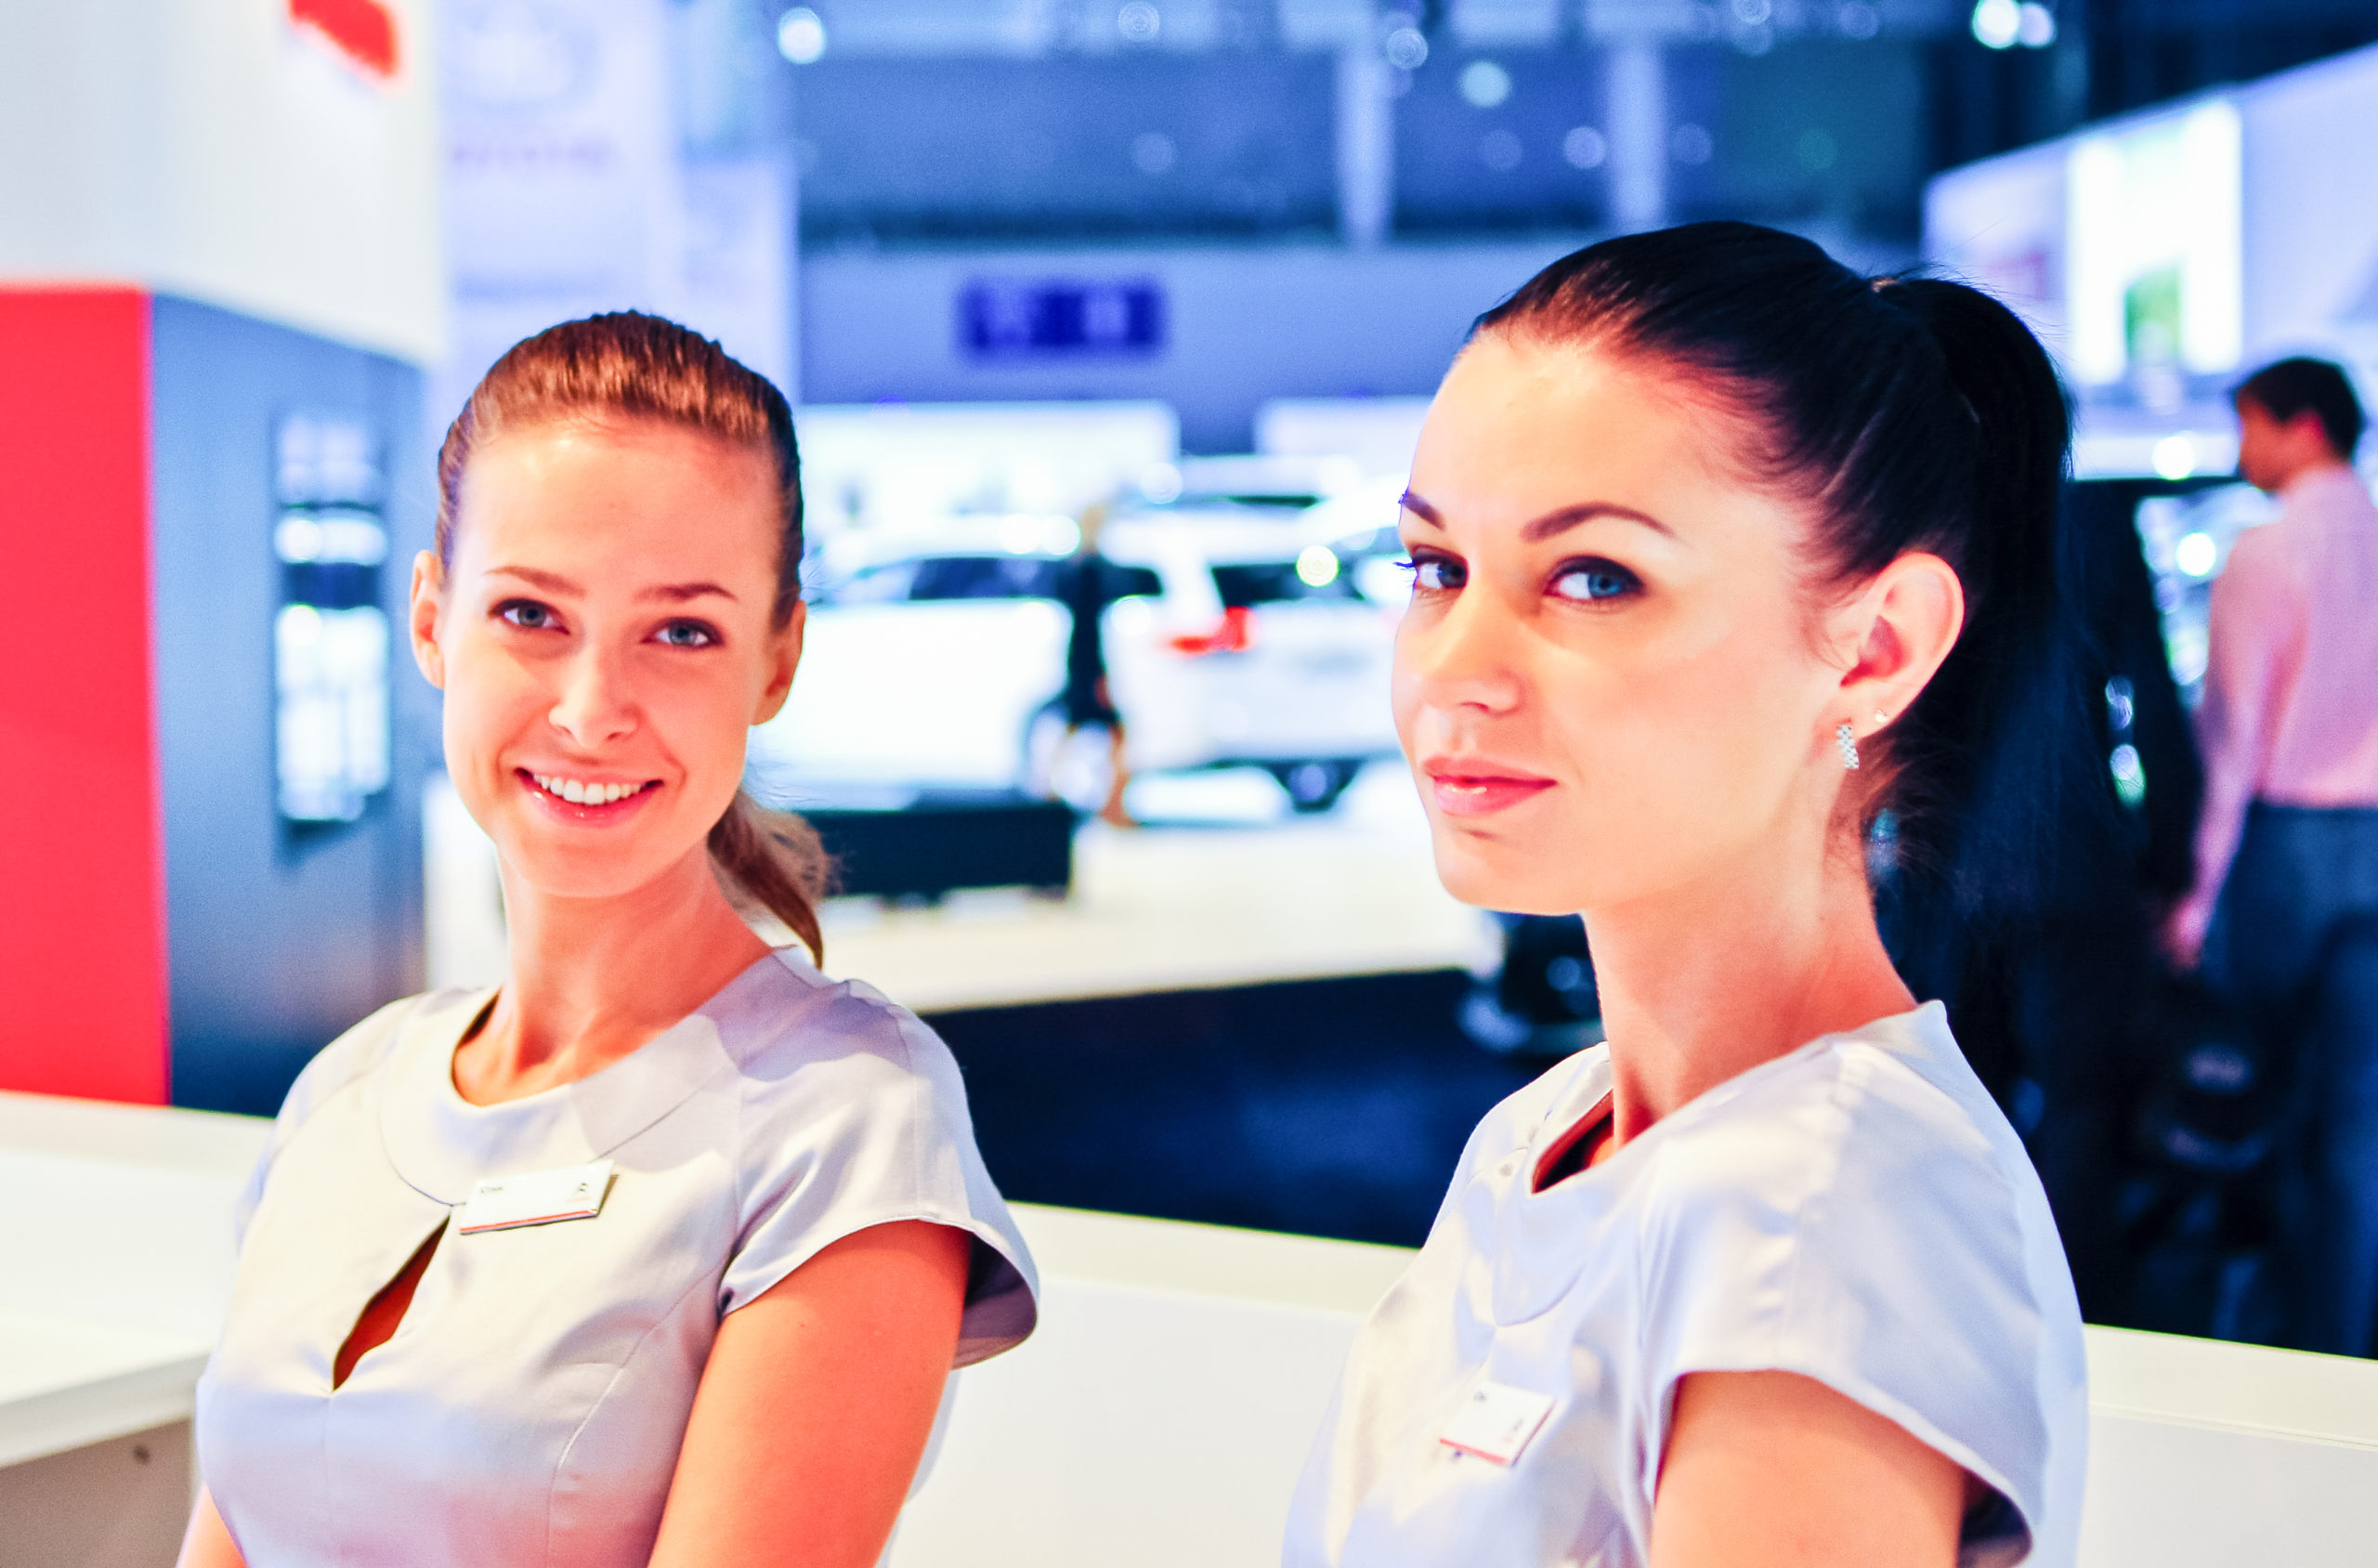 Agenzia professionale di hostess per eventi e fiere in tutta Italia